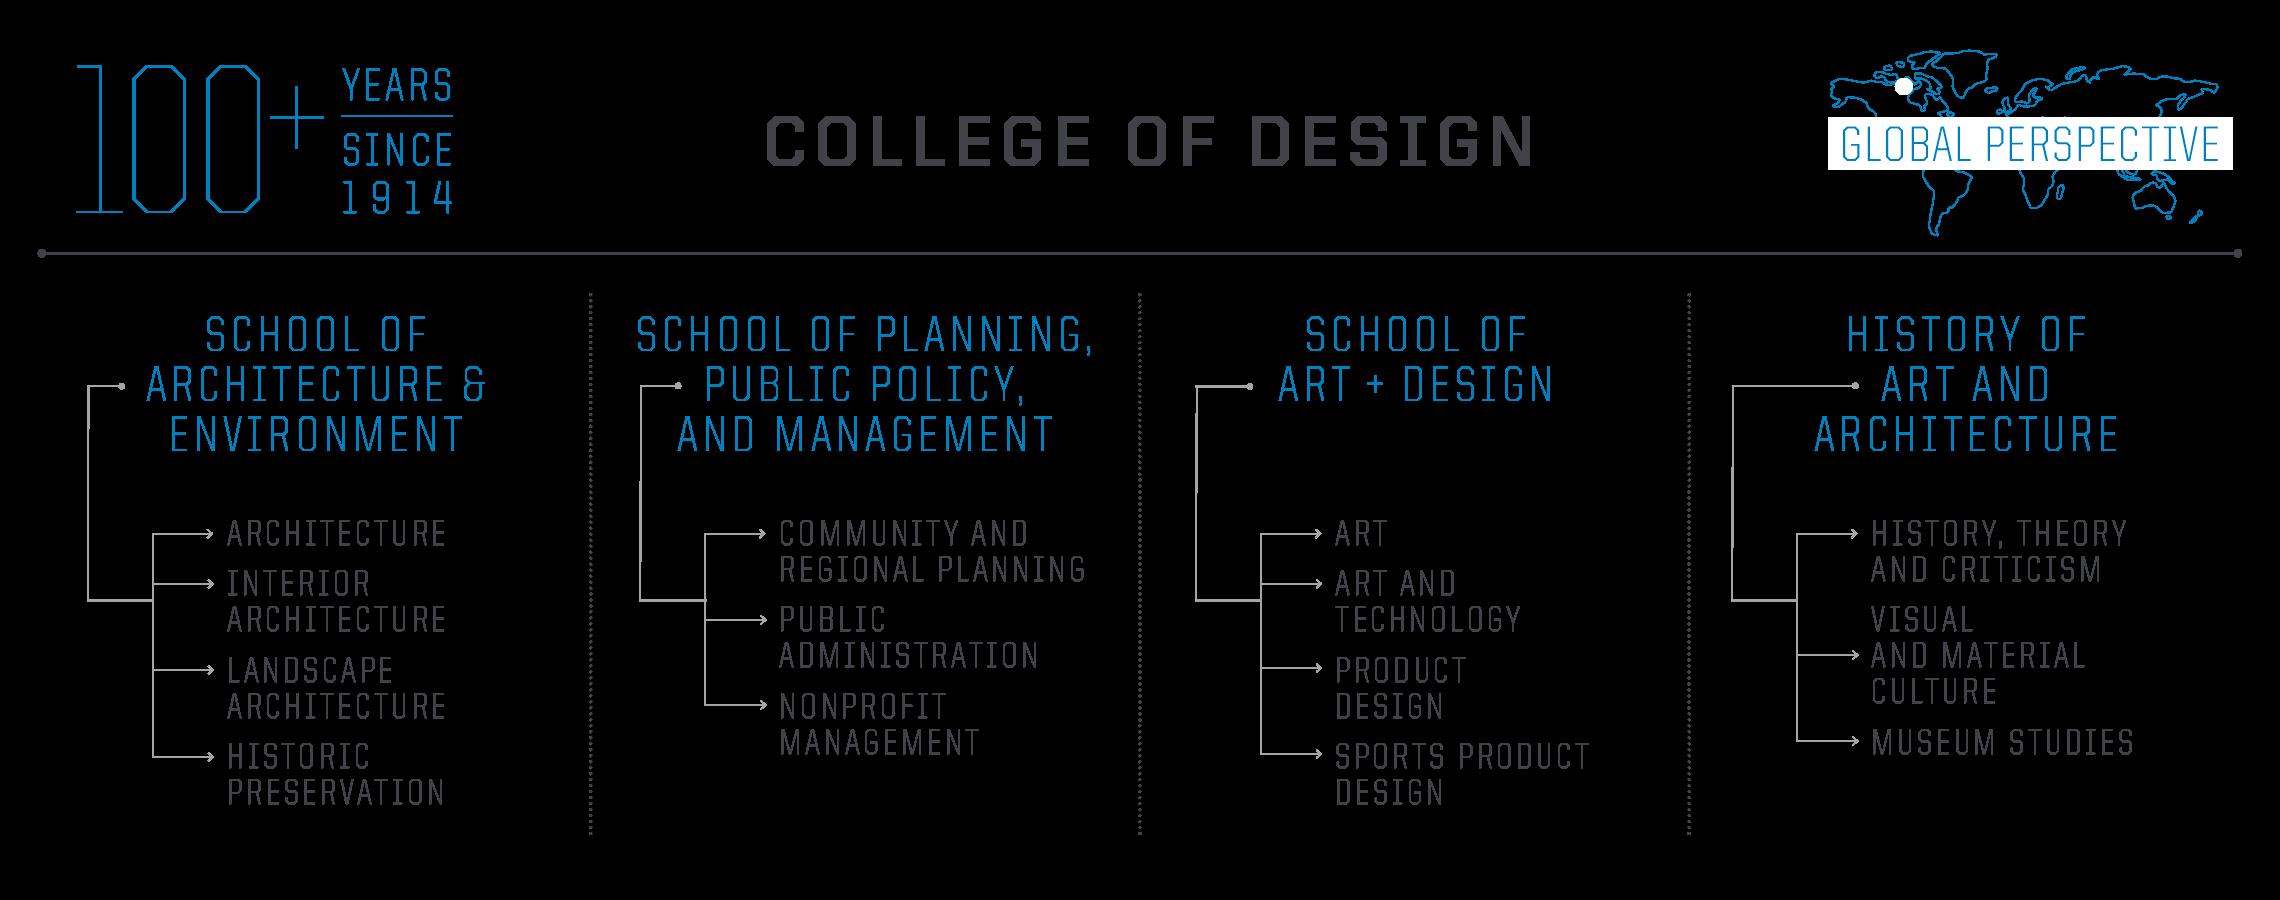 College of Design structure diagram